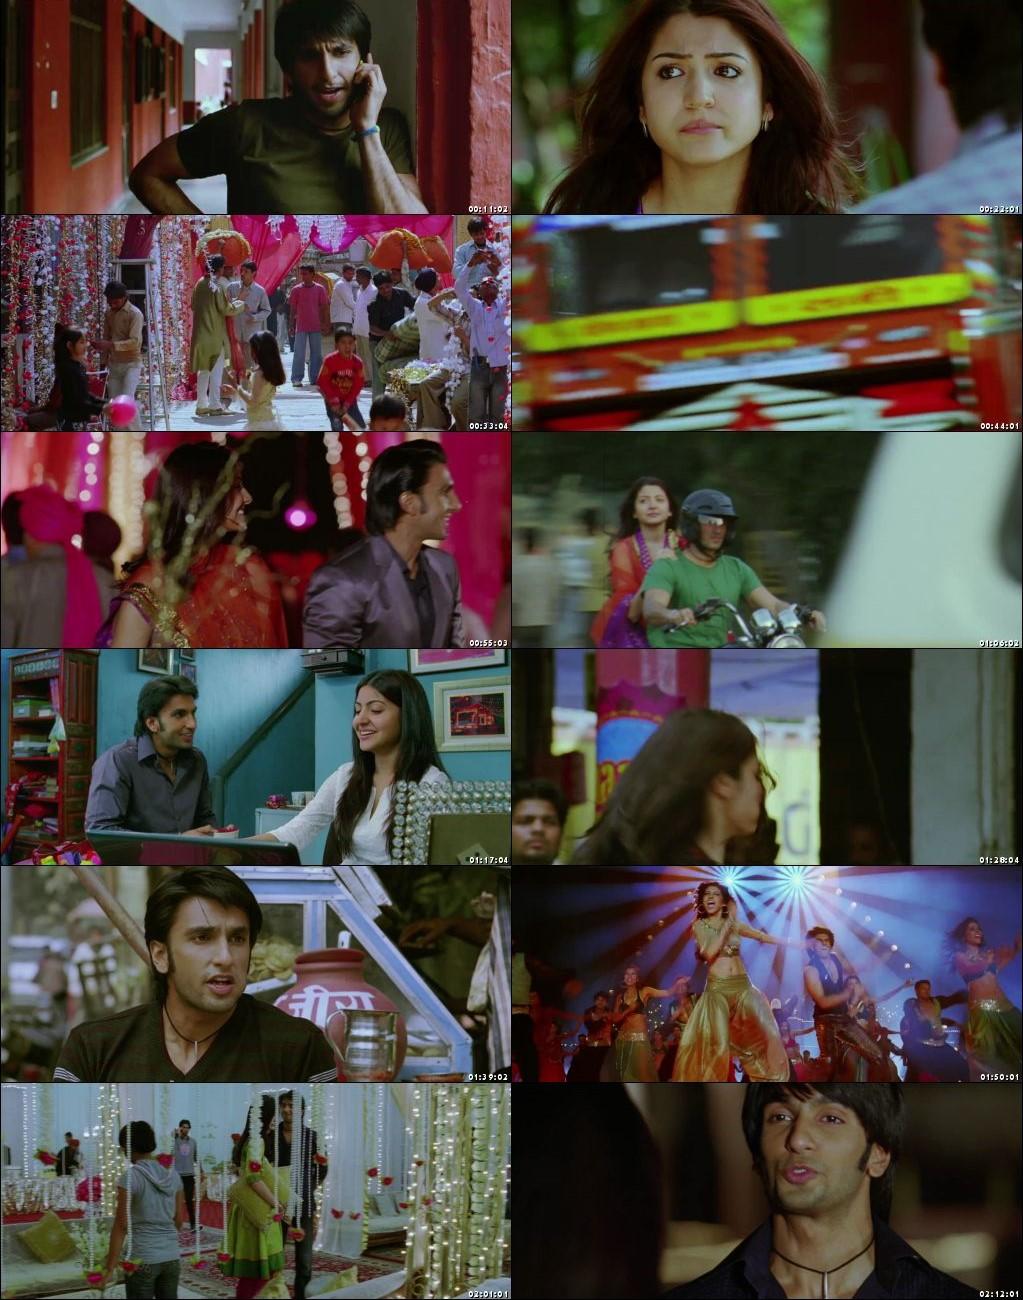 Band Baaja Baaraat 2010 Full Hindi Movie Online Watch